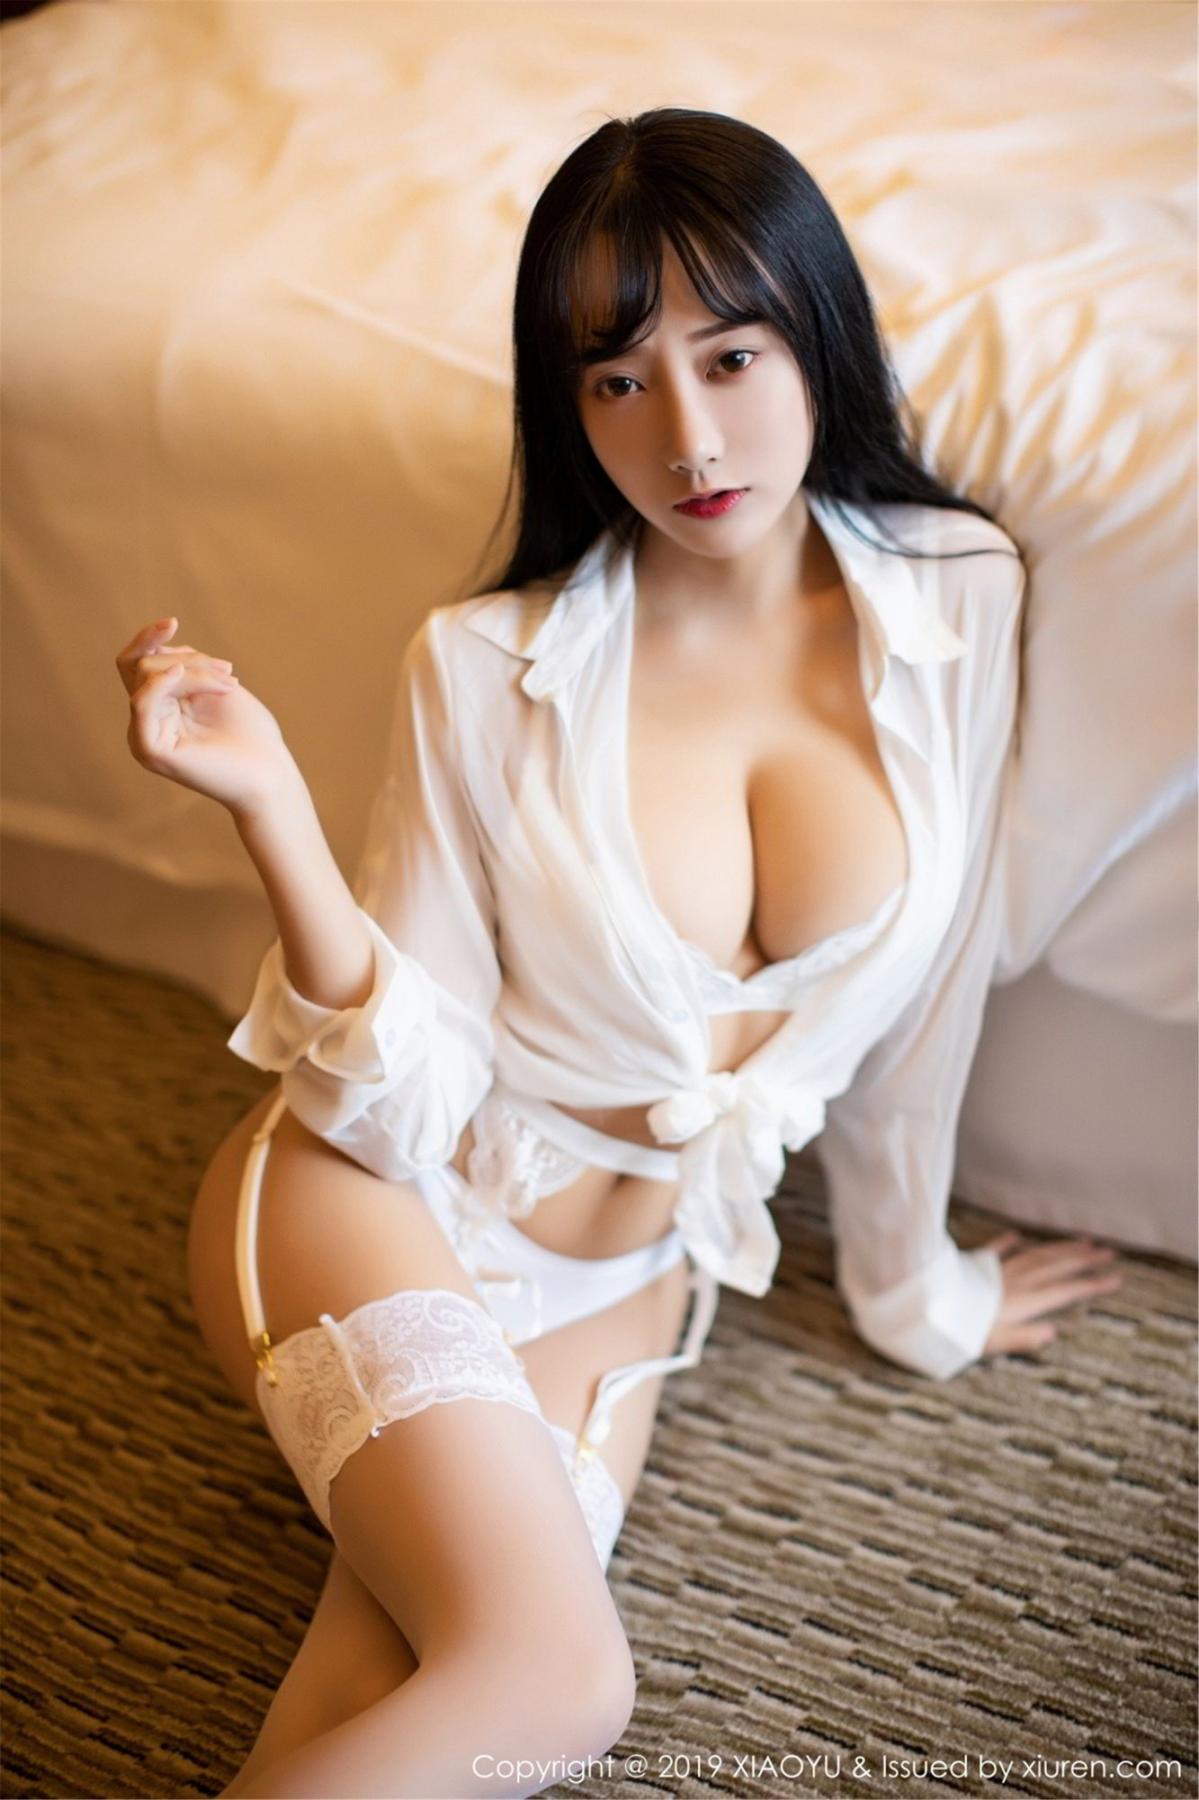 [XiaoYu] Vol.076 He Jia Ying 11P, He Jia Ying, Underwear, XiaoYu